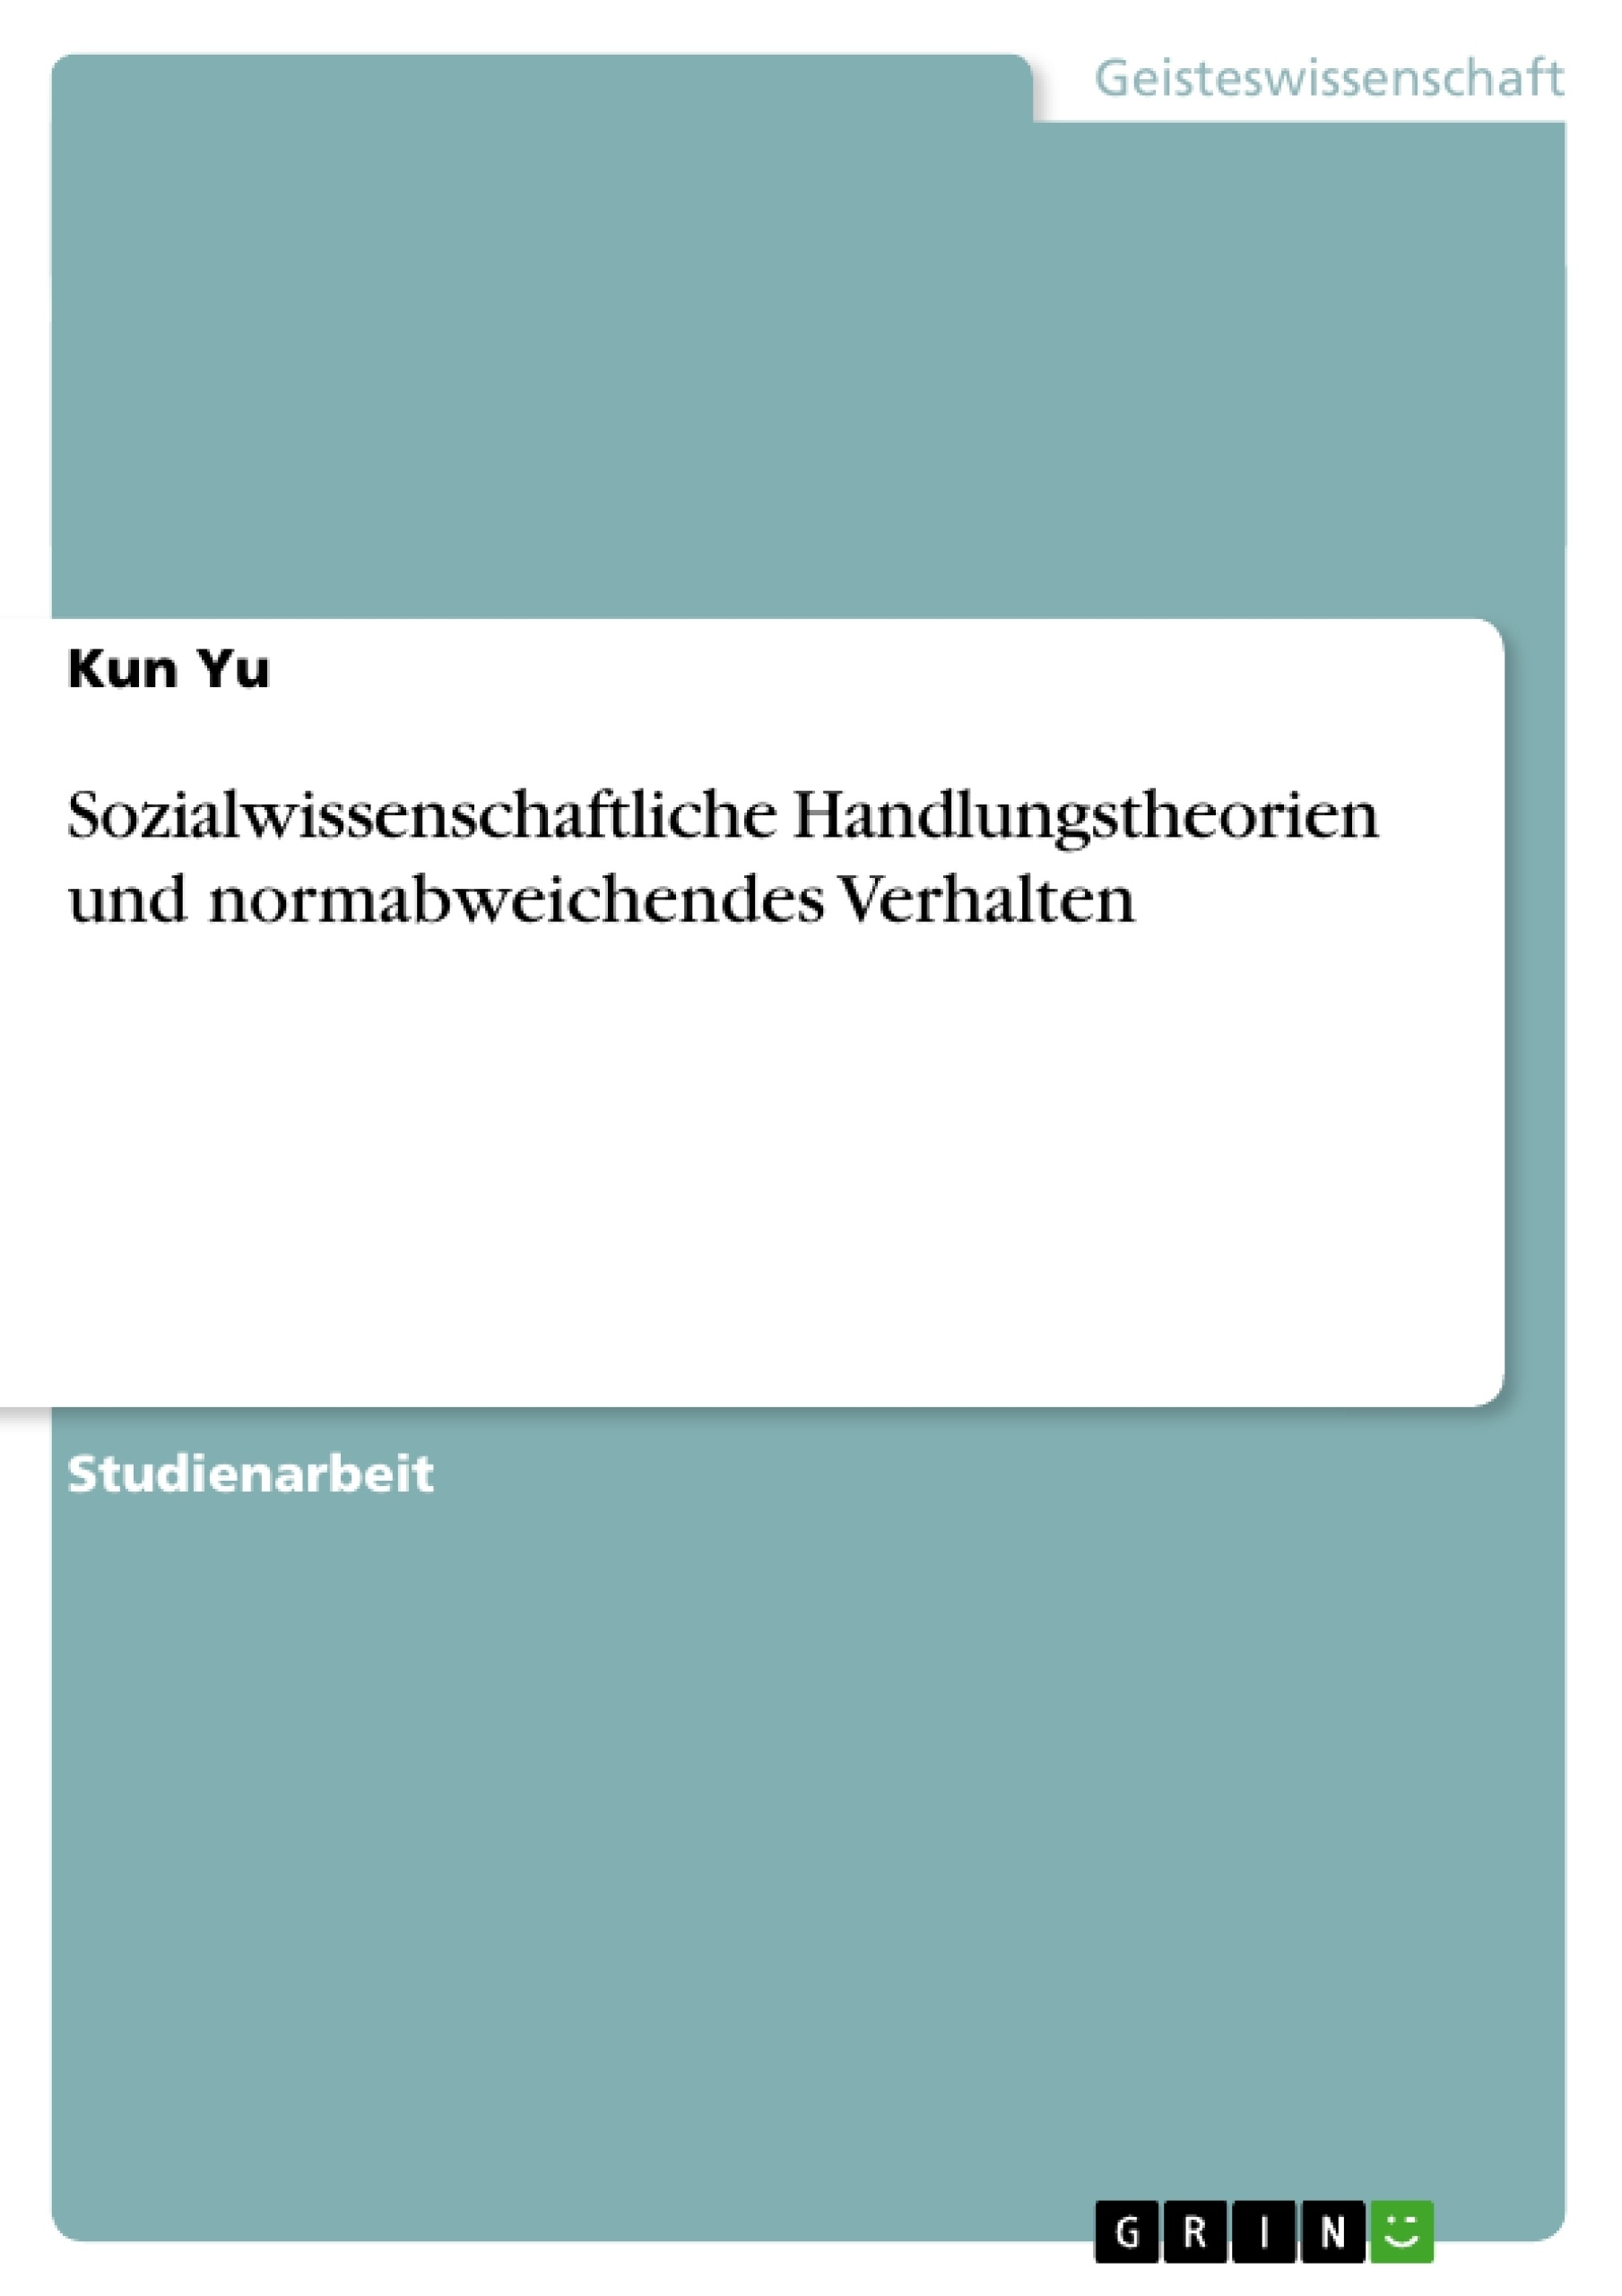 Titel: Sozialwissenschaftliche Handlungstheorien und normabweichendes Verhalten